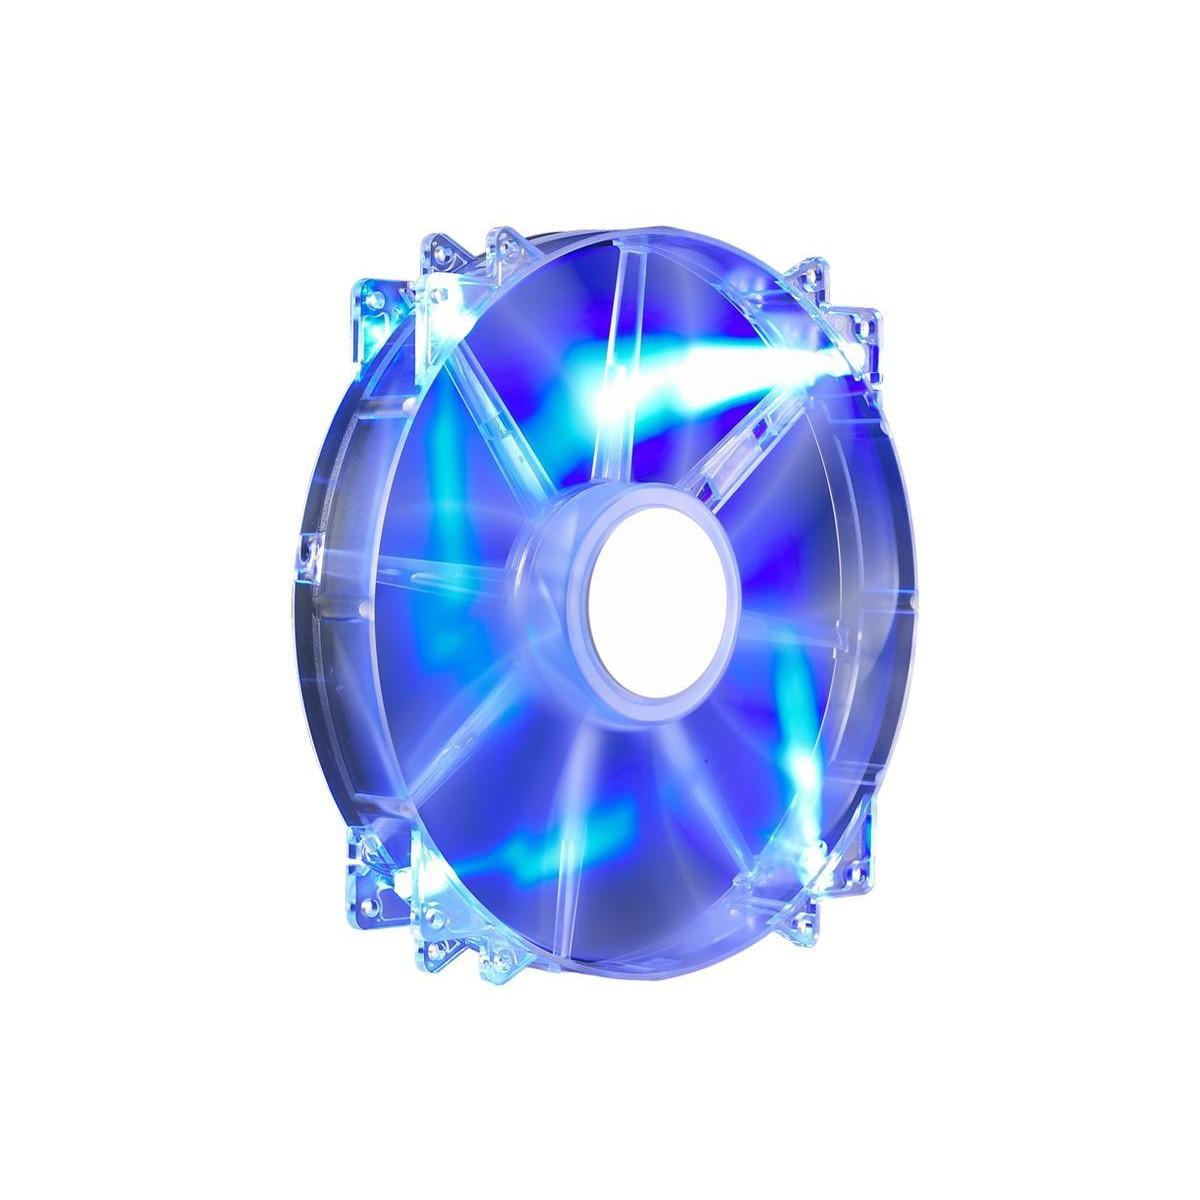 COOLER MASTER Storm Force 200 200MM Blue Case Fan